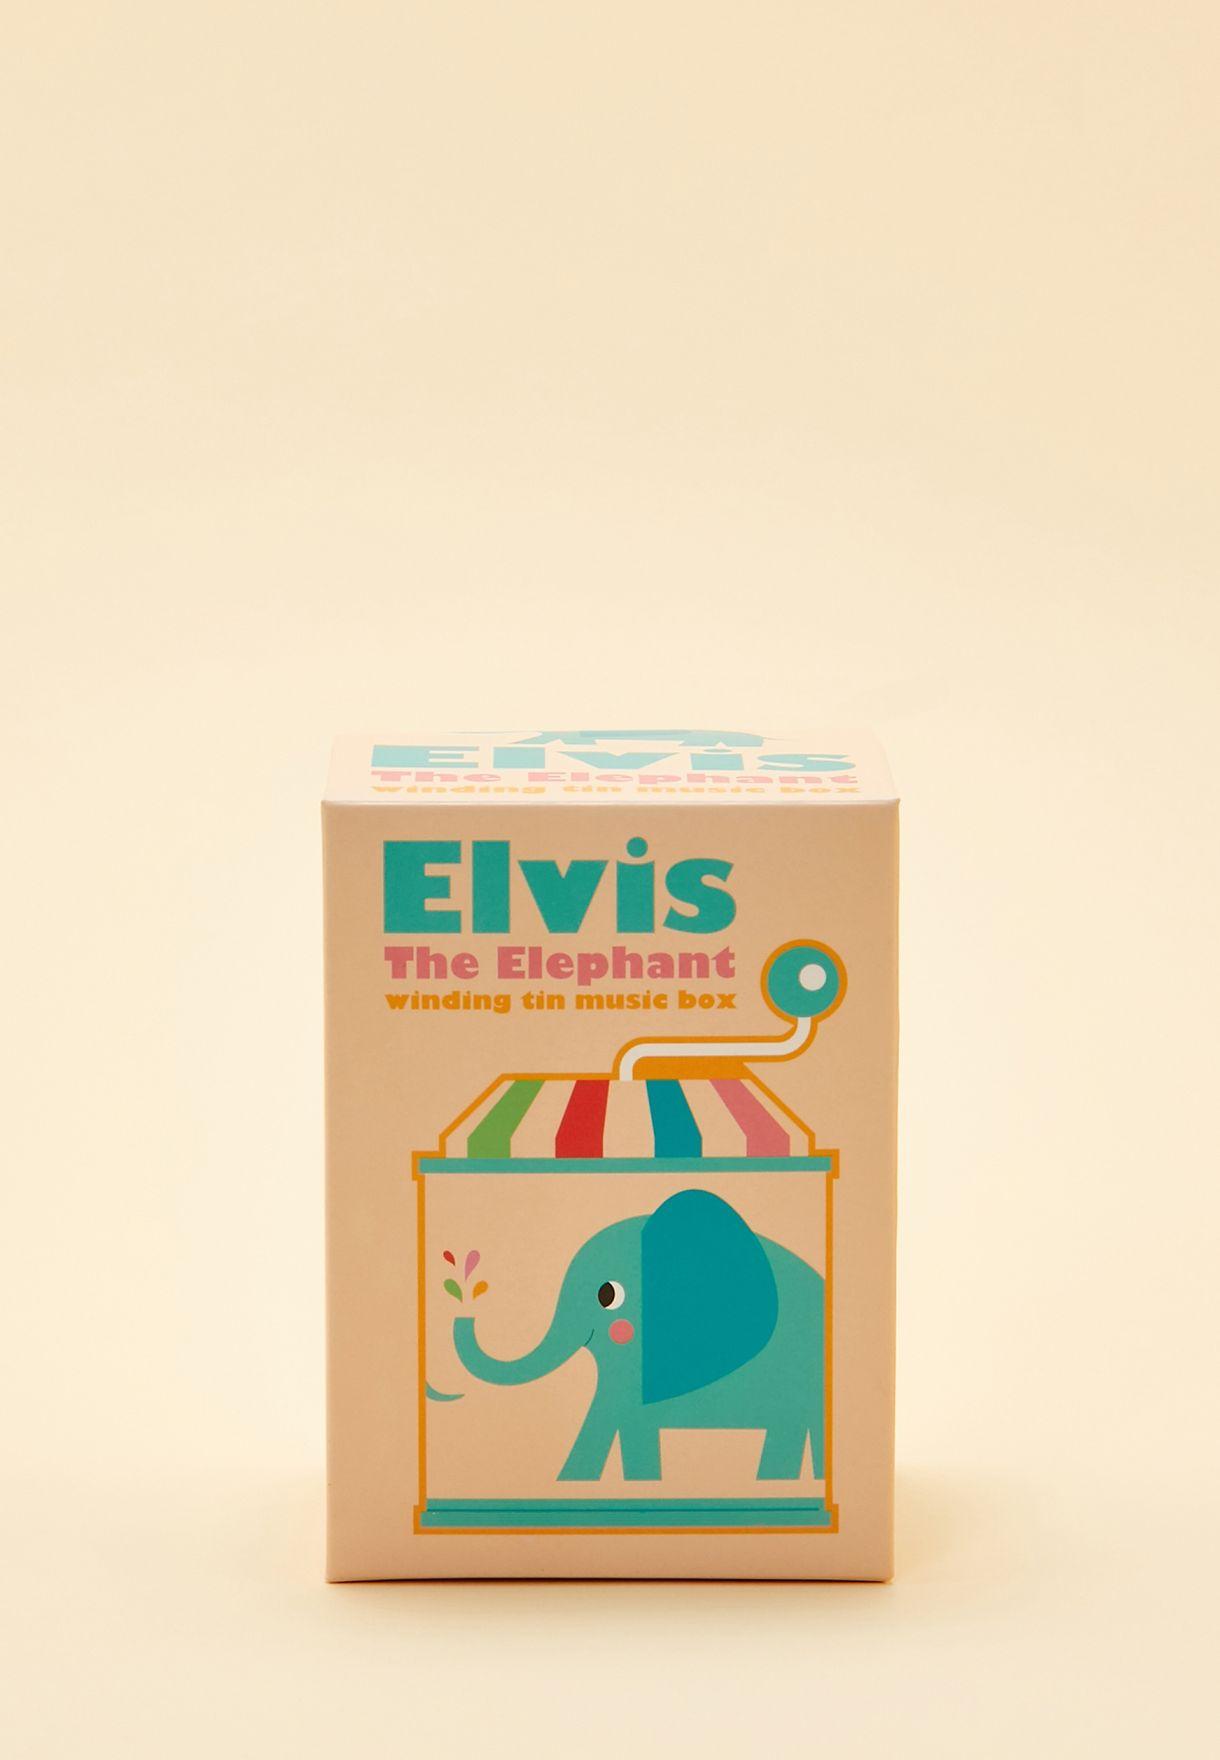 صندوق موسيقى بطباعة إلفيس الفيل